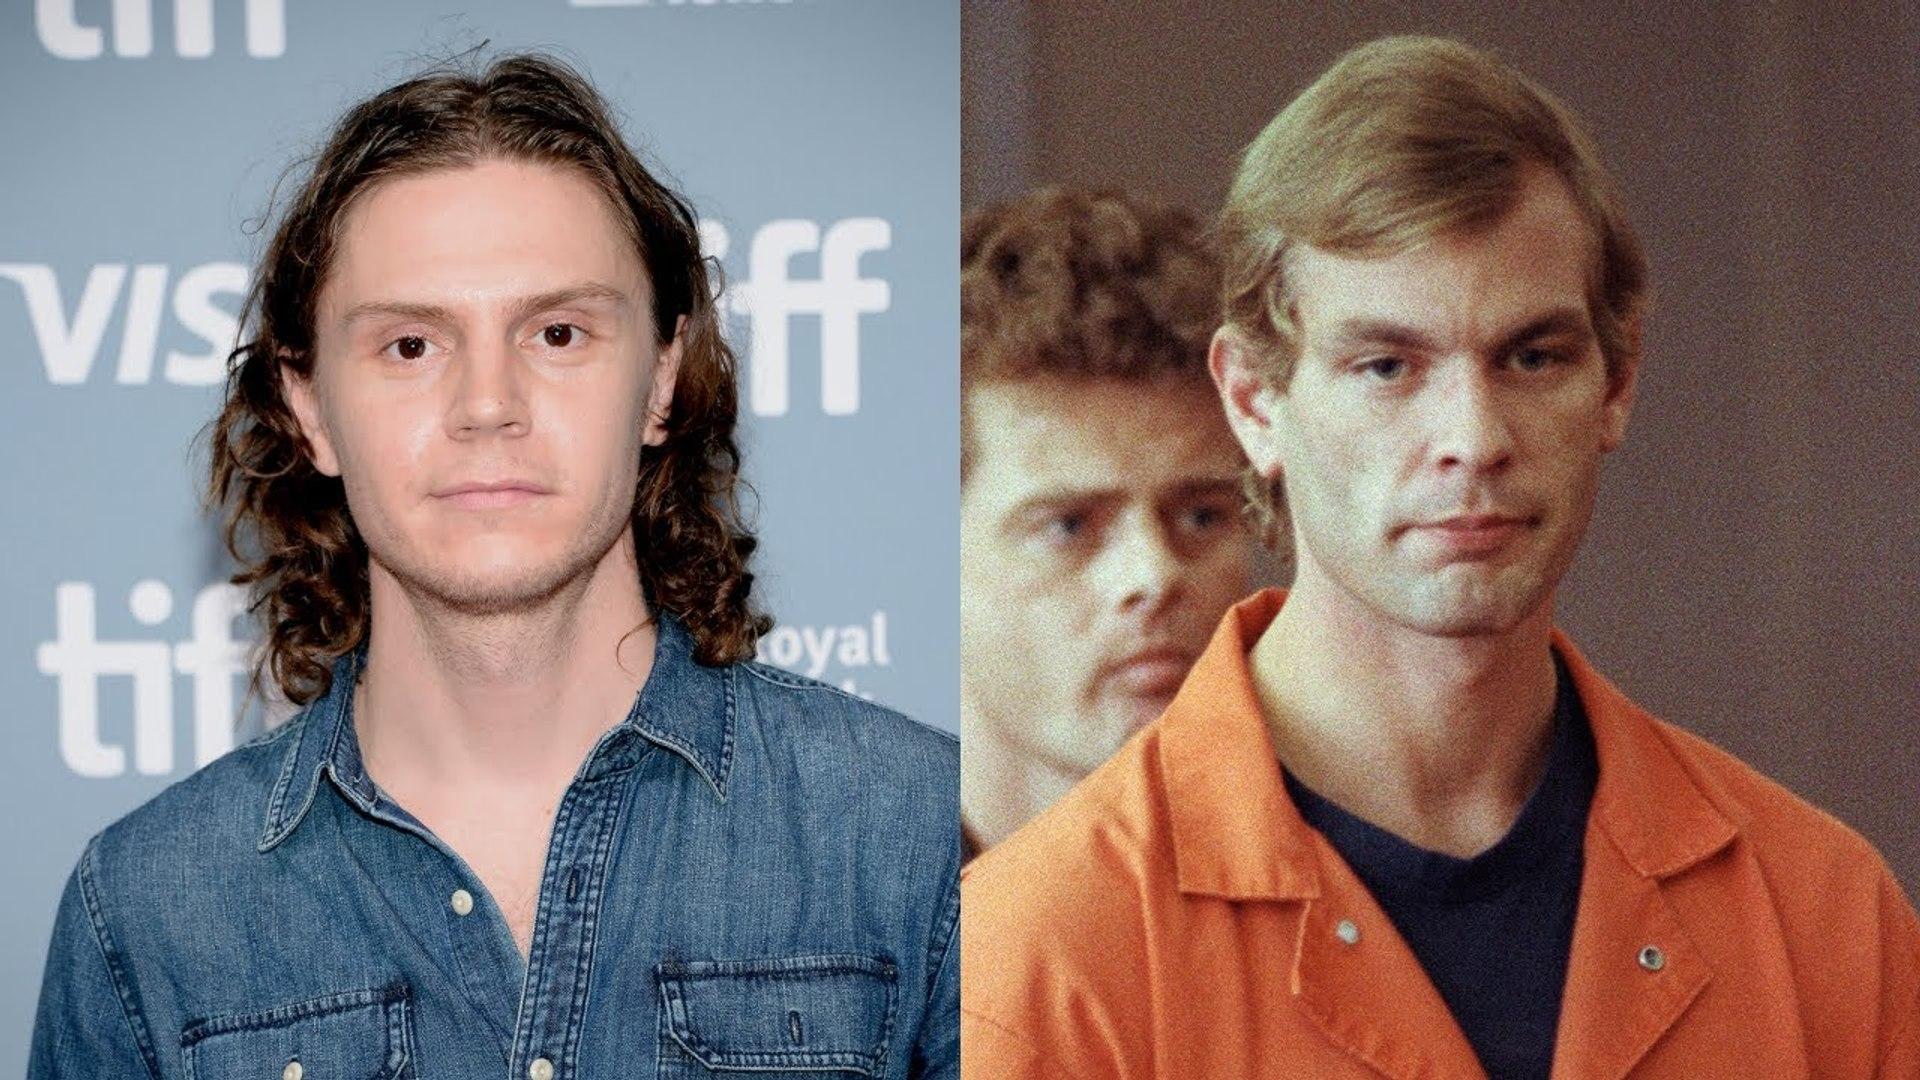 Evan Peters / Jeffrey Dahmer